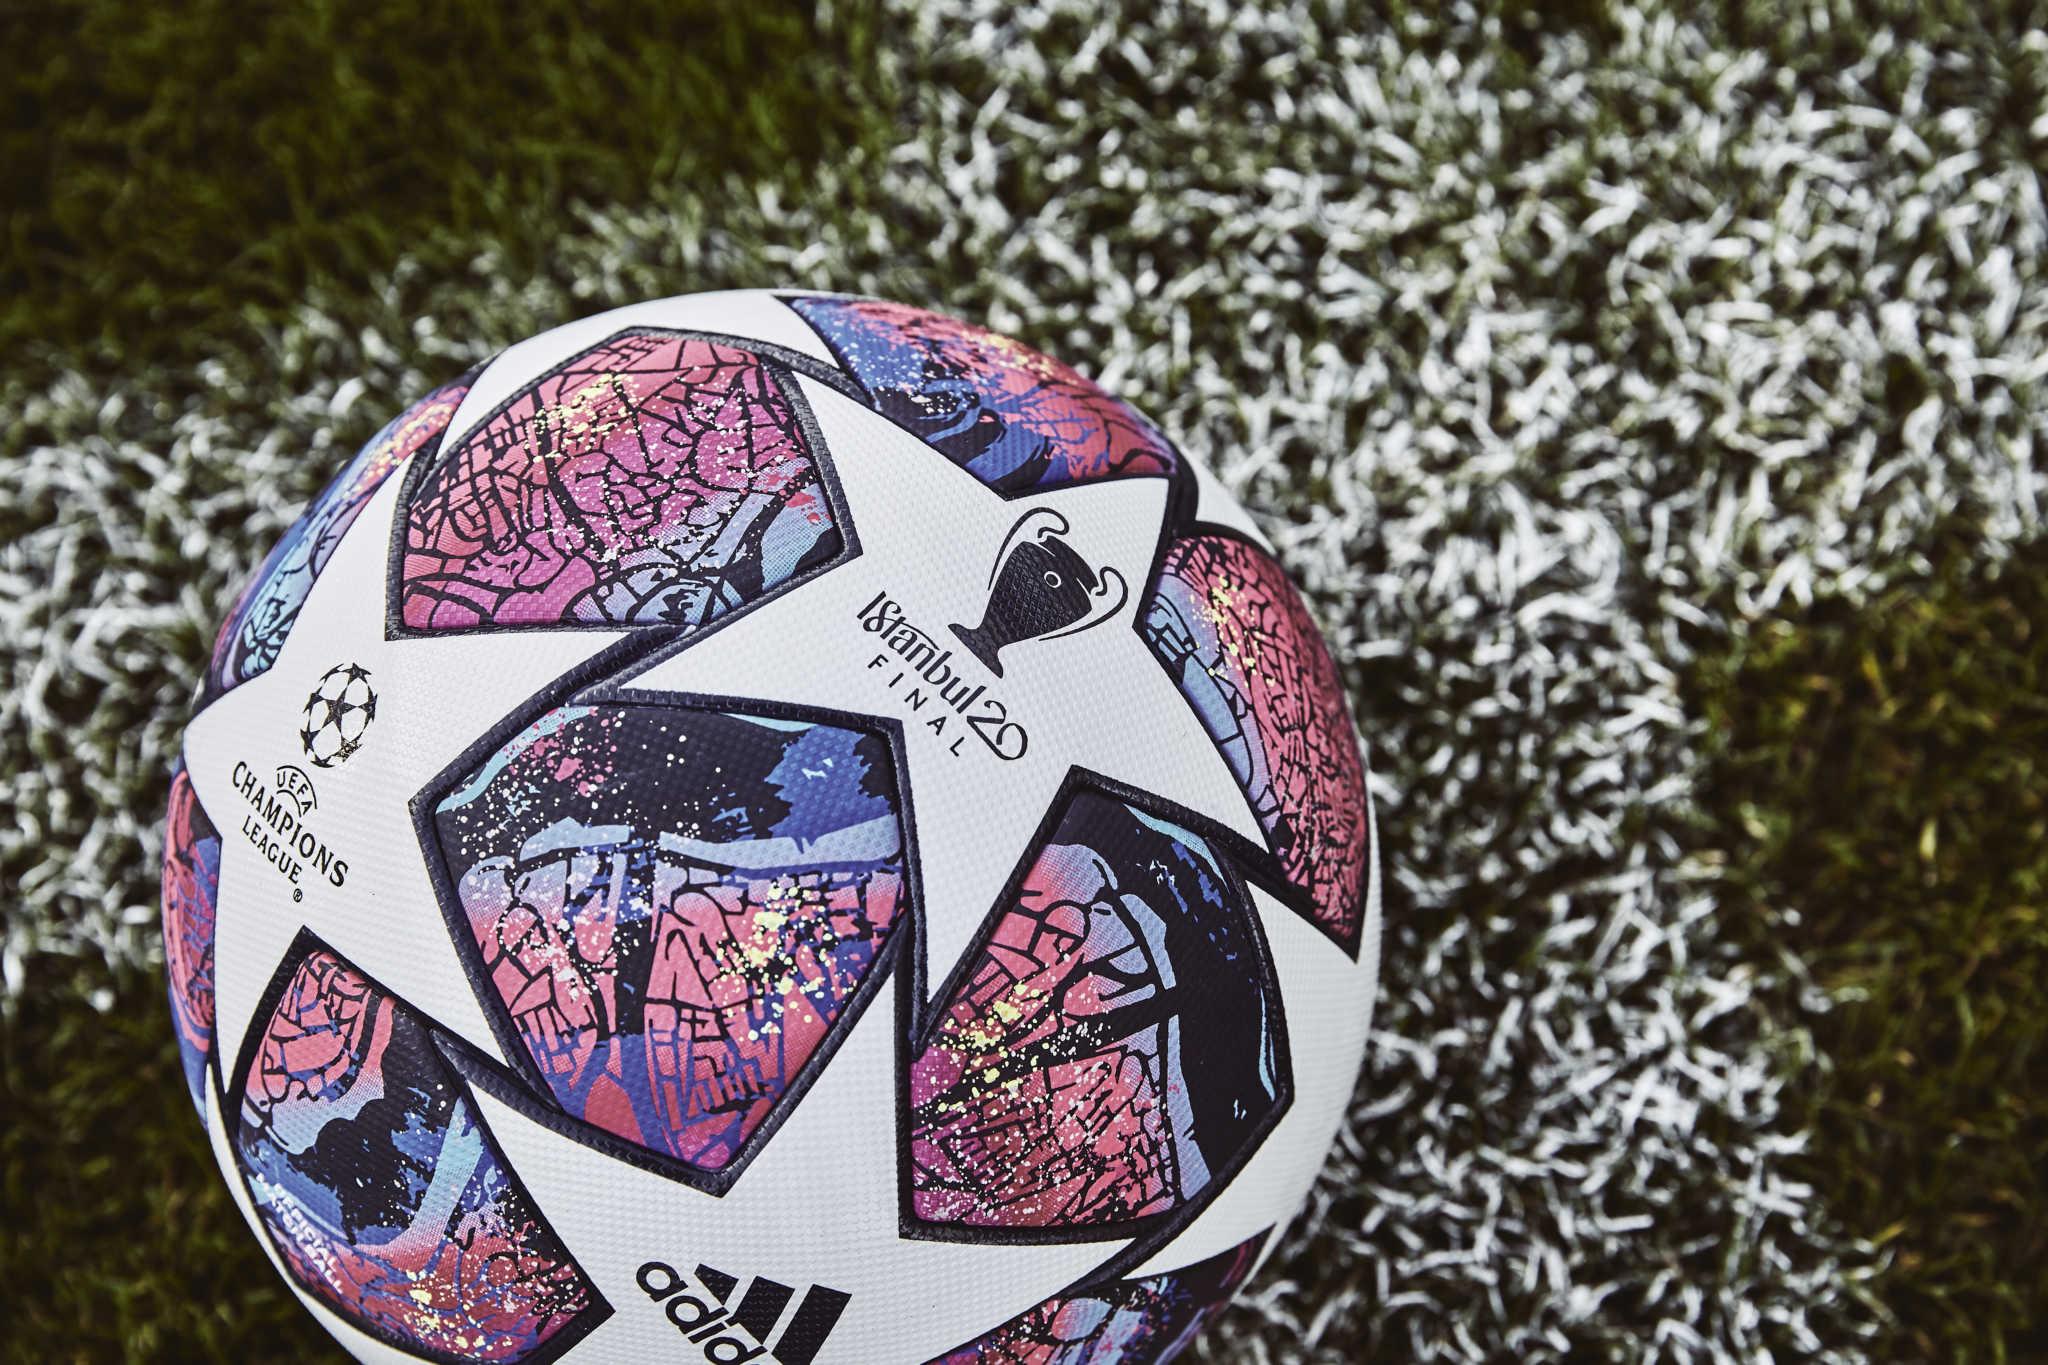 """""""Κλειδώνει"""" το Final 8 στο Champions League με πιθανή έδρα τη Λισαβόνα"""